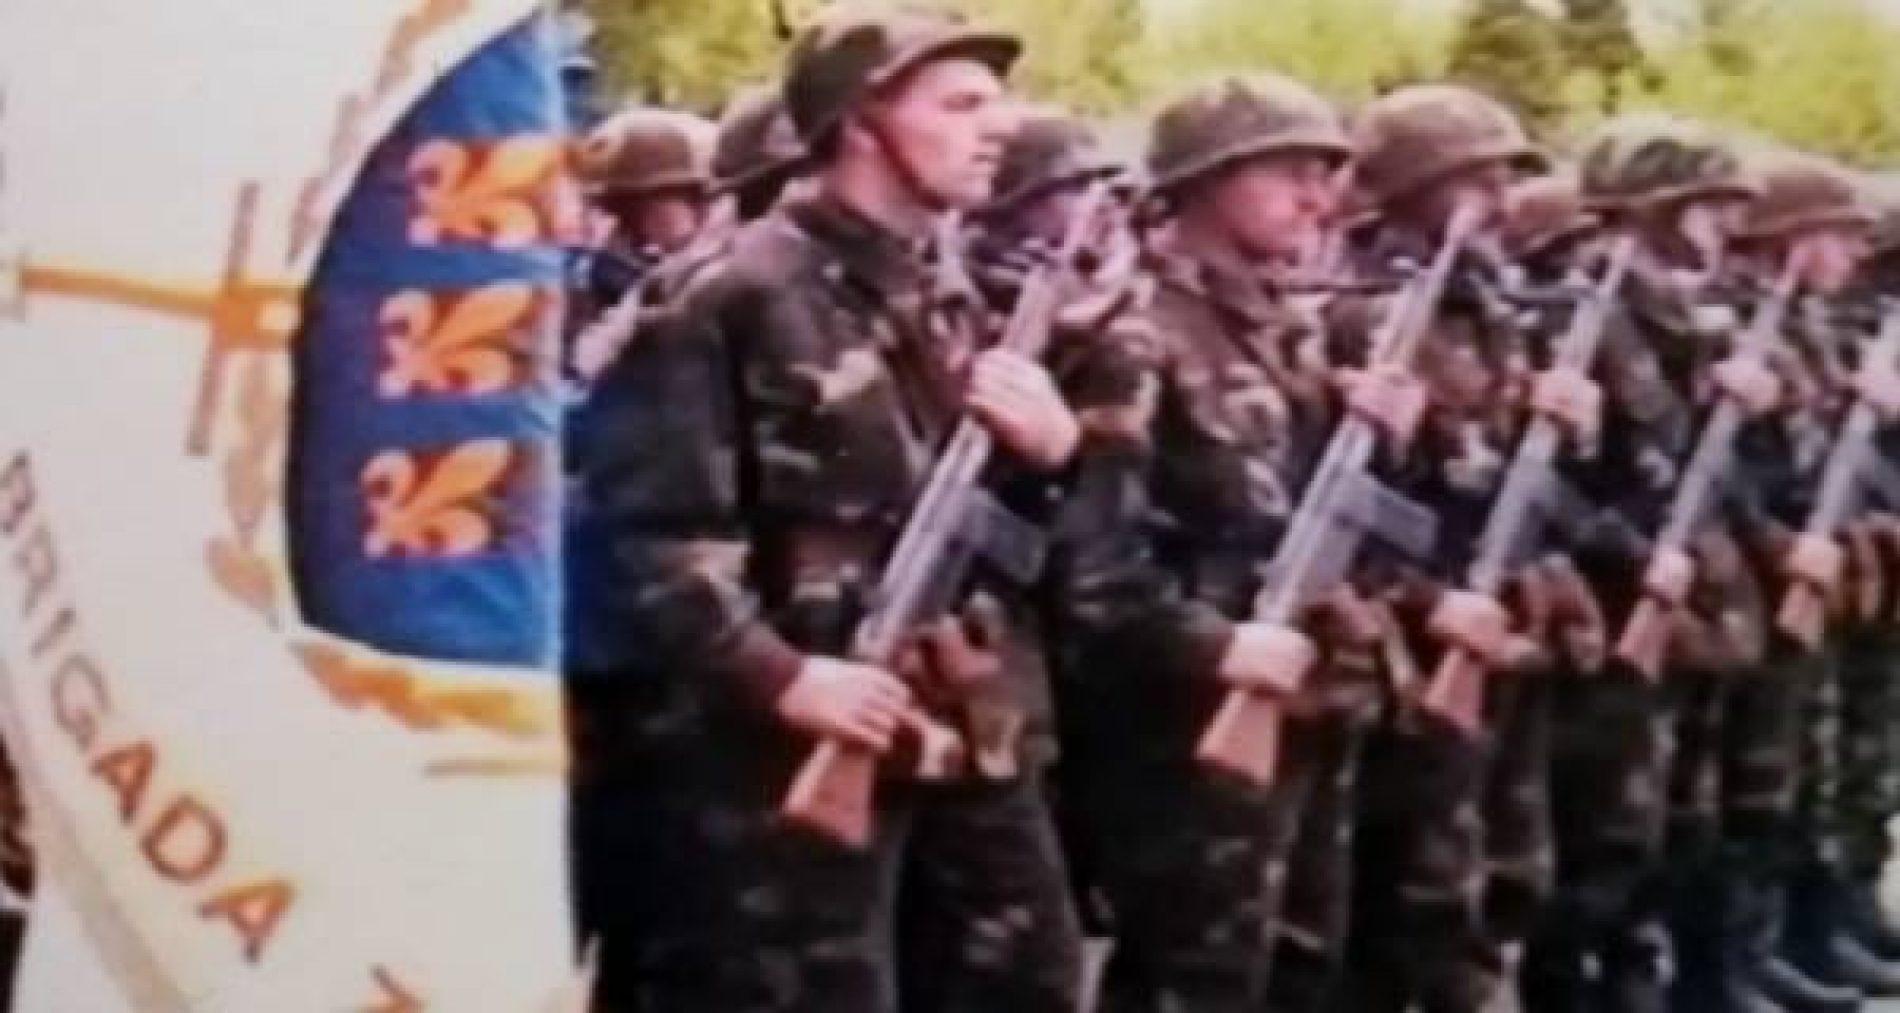 Obilježena godišnjica formiranja 3. korpusa Armije Republike Bosne i Hercegovine